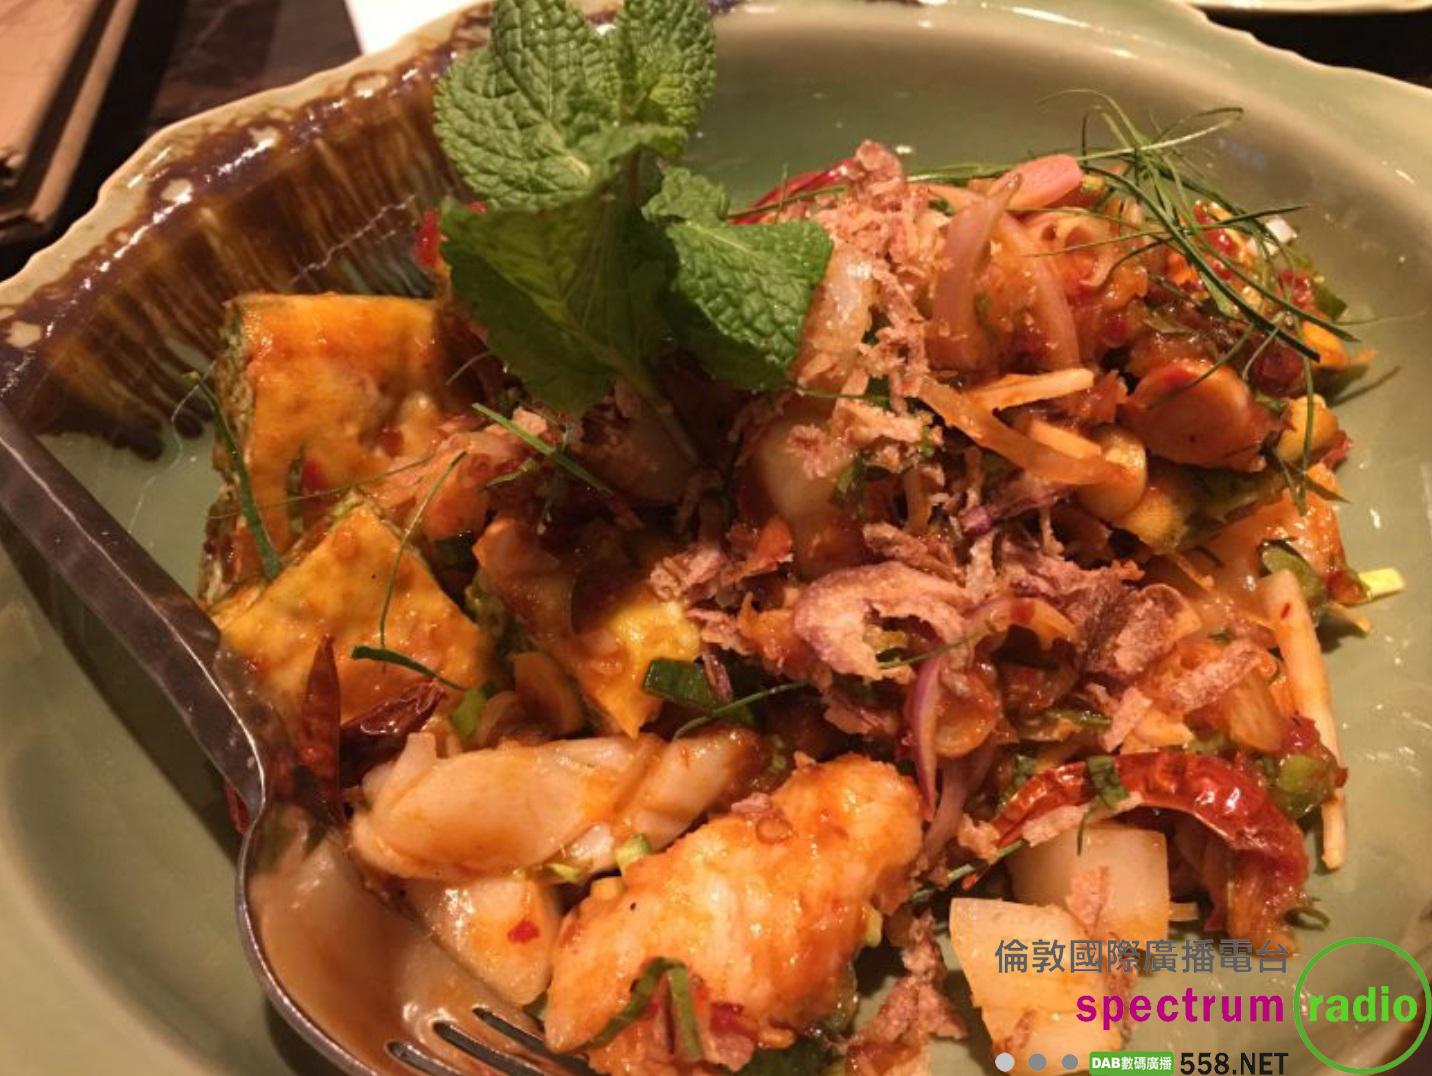 尋找泰國菜的五味天堂